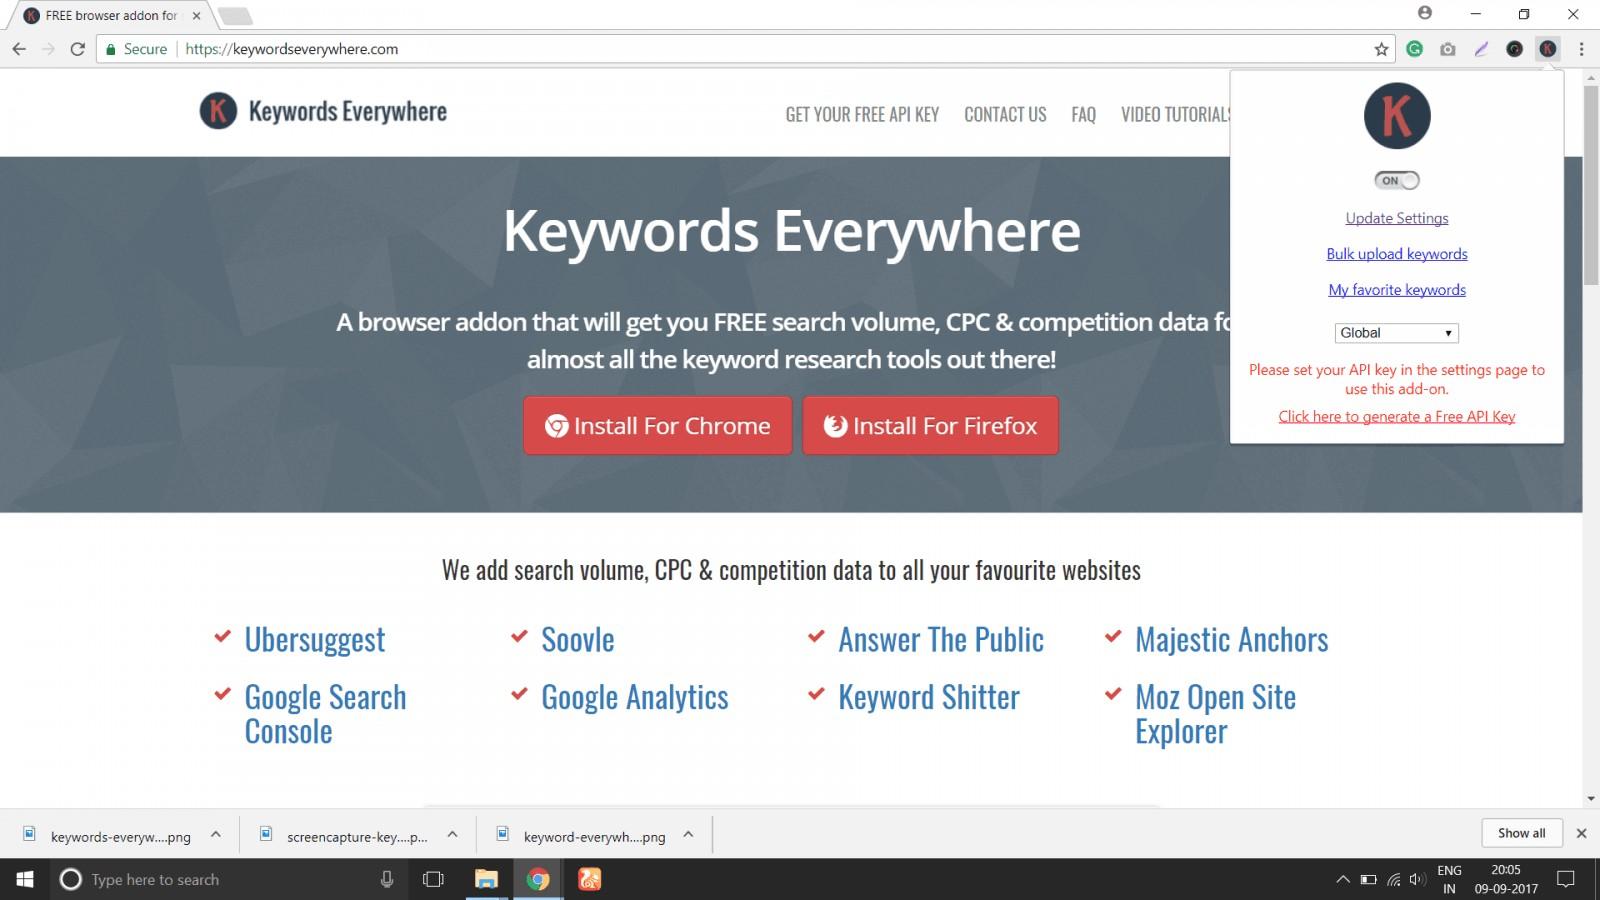 keyword everywhere extension update settings